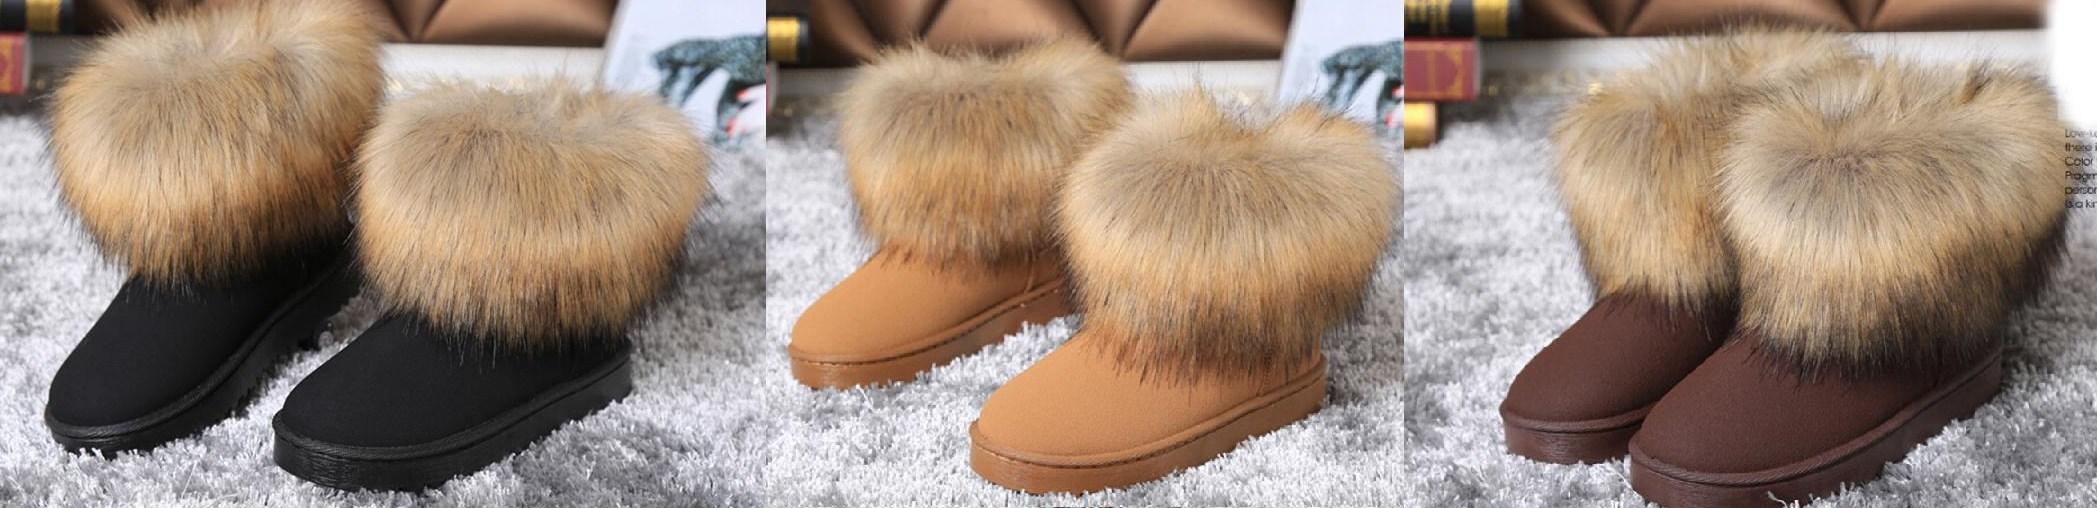 c0d6682702842 Kozaki EMU UGG z futrem lisem śniegowce eskimoski - 6844464107 - oficjalne  archiwum allegro